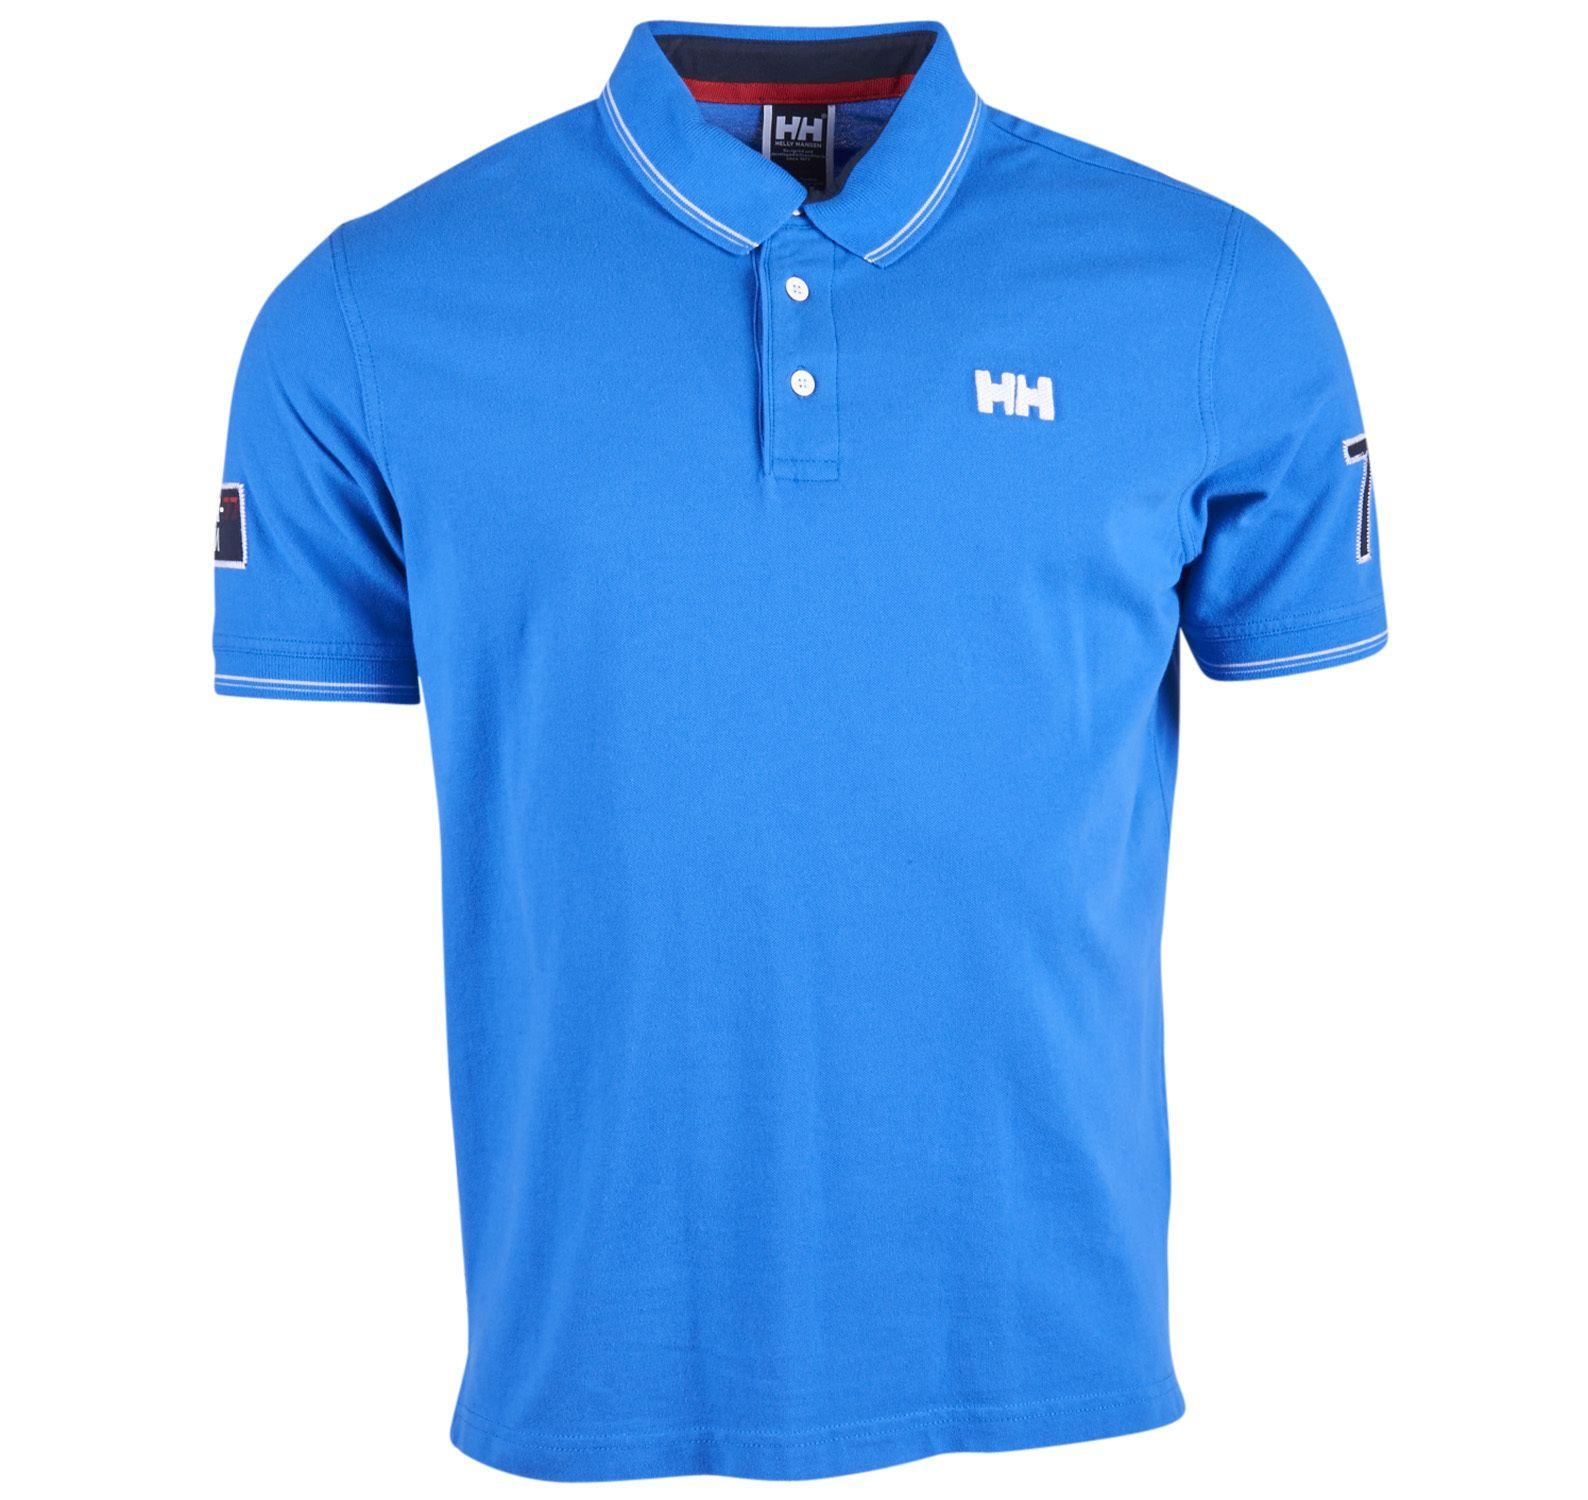 Marstrand Polo, Racer Blue, M,  Helly Hansen